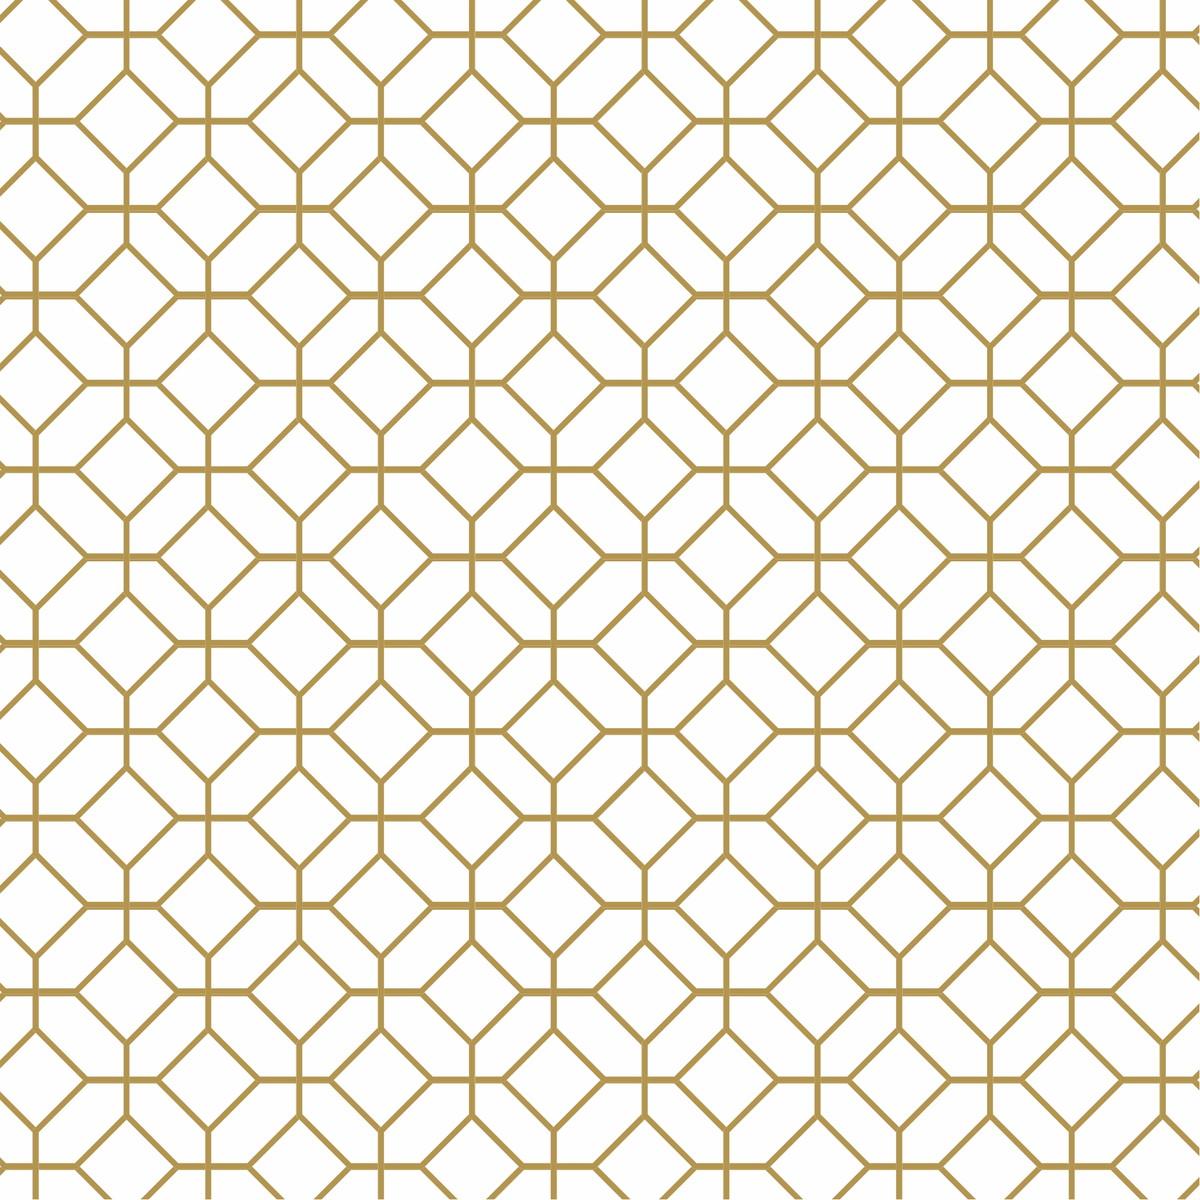 Adesivo papel de parede geom trico dourado escolha a cor for Papel para paredes salon